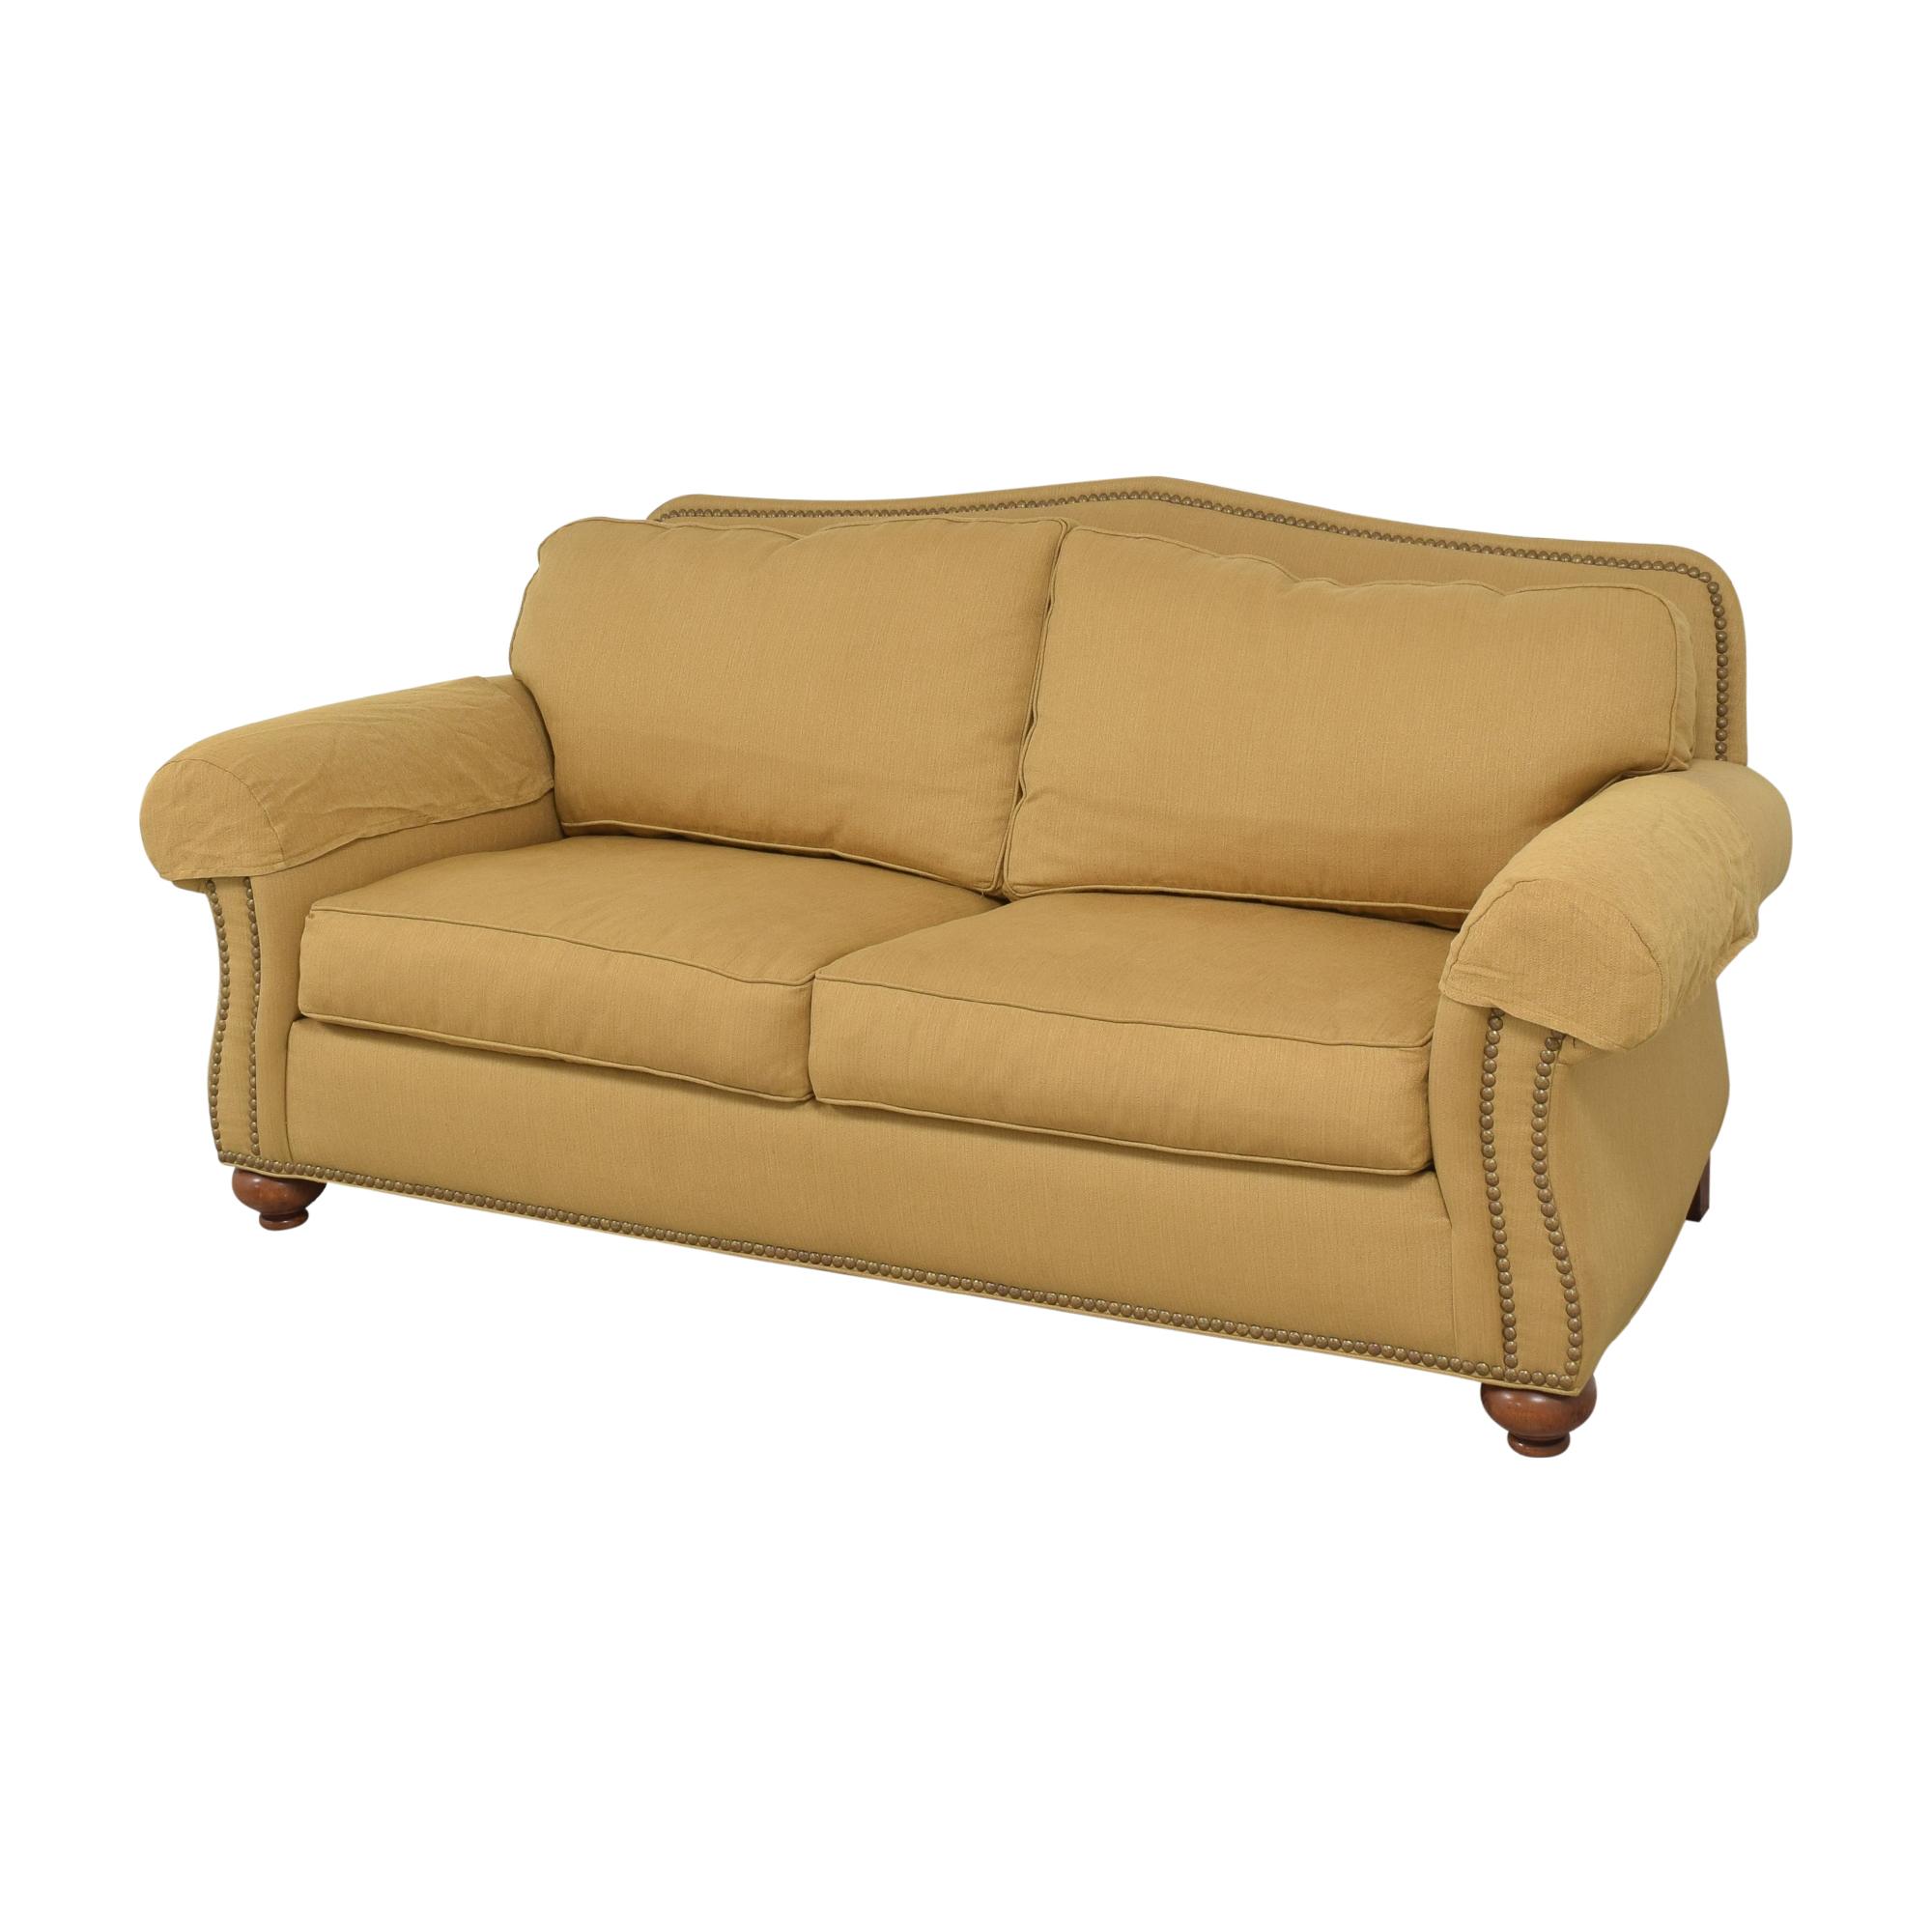 Ethan Allen Ethan Allen Nailhead Two Cushion Sofa Sofas